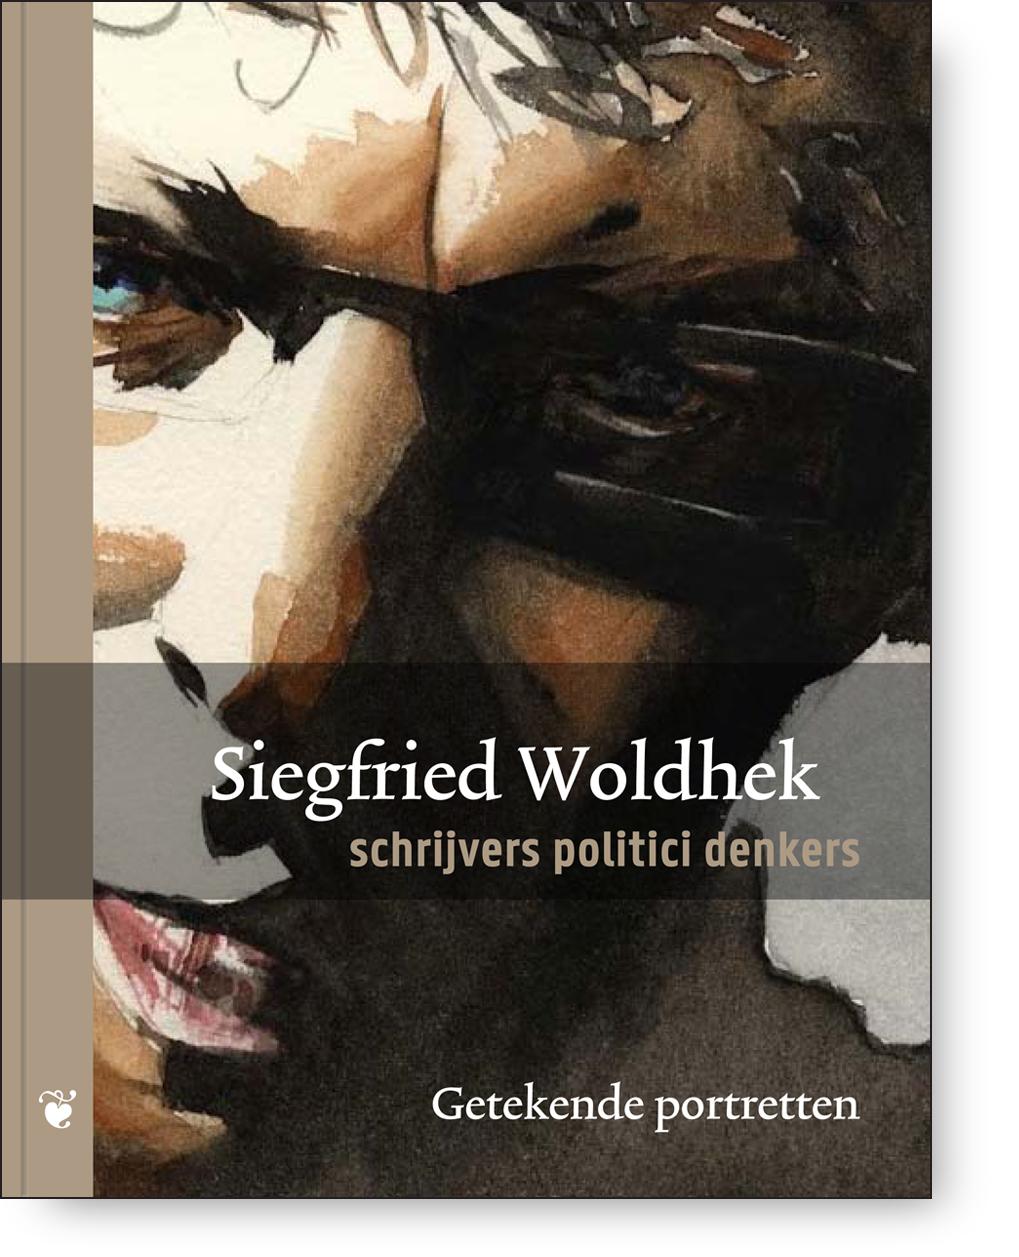 015_damiaan_renkens_siegfried_woldhek